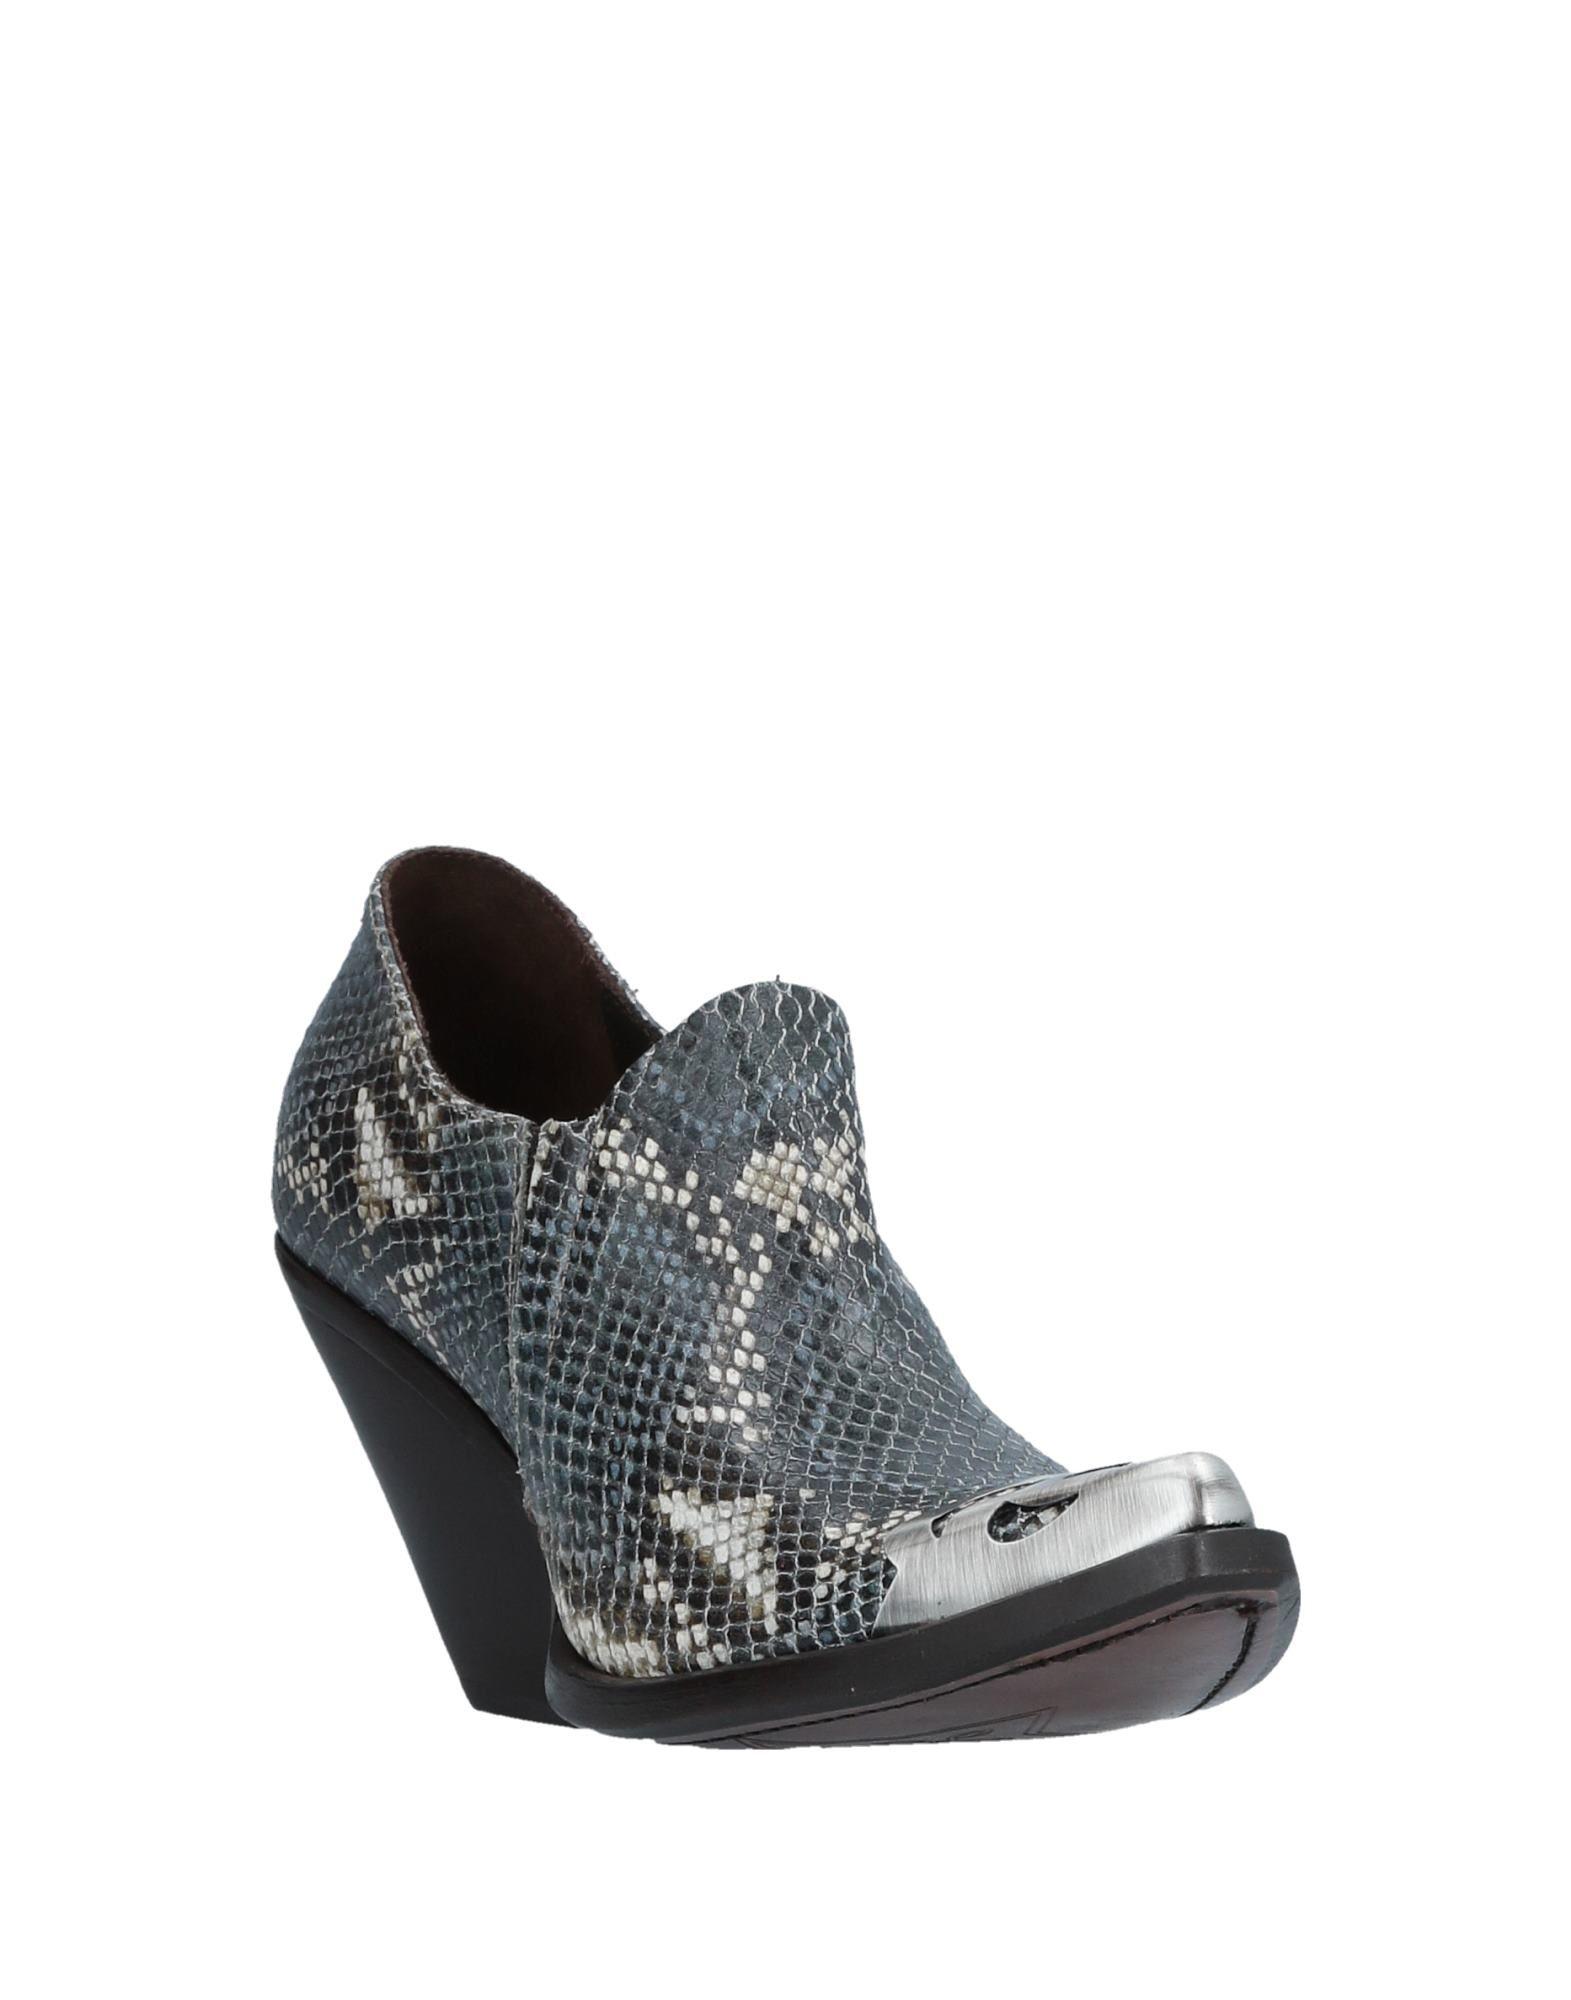 Materia Prima Damen By Goffredo Fantini Stiefelette Damen Prima  11533363QKGut aussehende strapazierfähige Schuhe 19a385